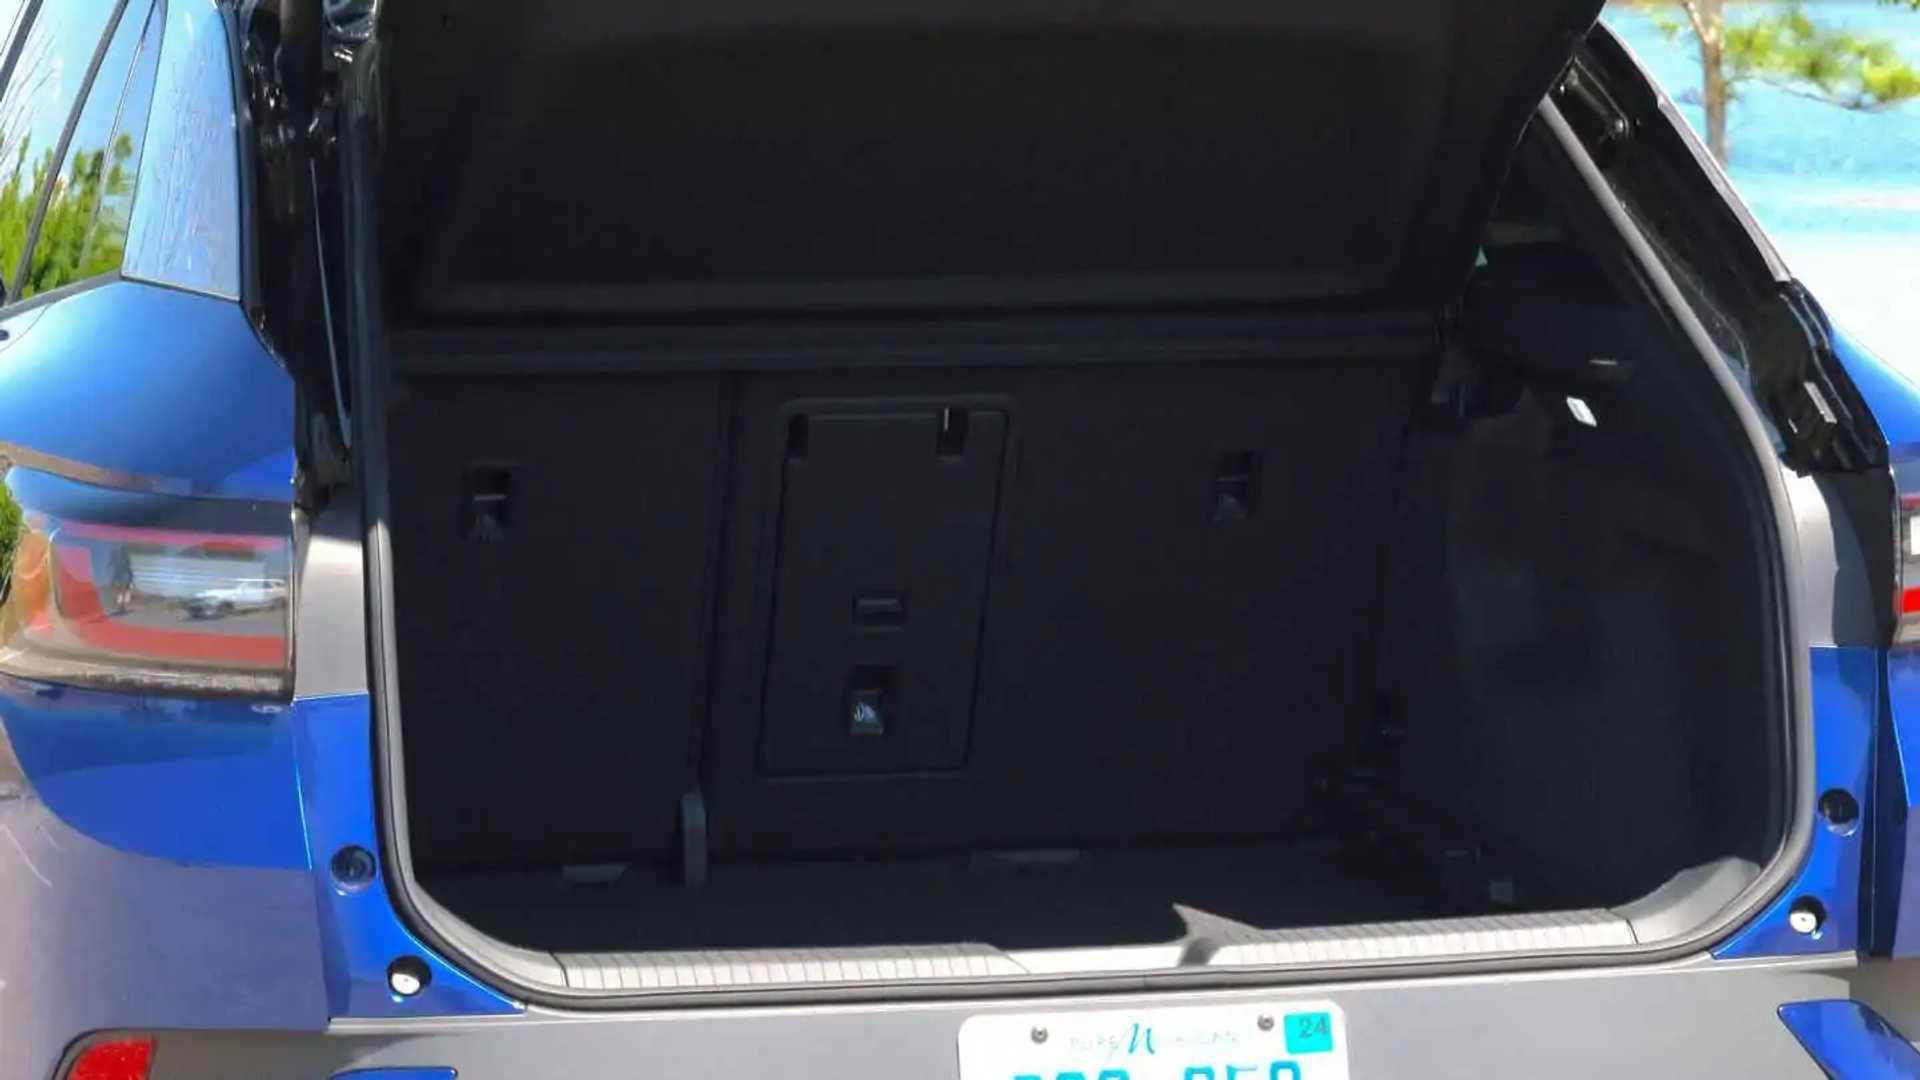 https://cdn.motor1.com/images/mgl/N7EzG/s6/2021-volkswagen-id.4-1st-edition-interior.jpg